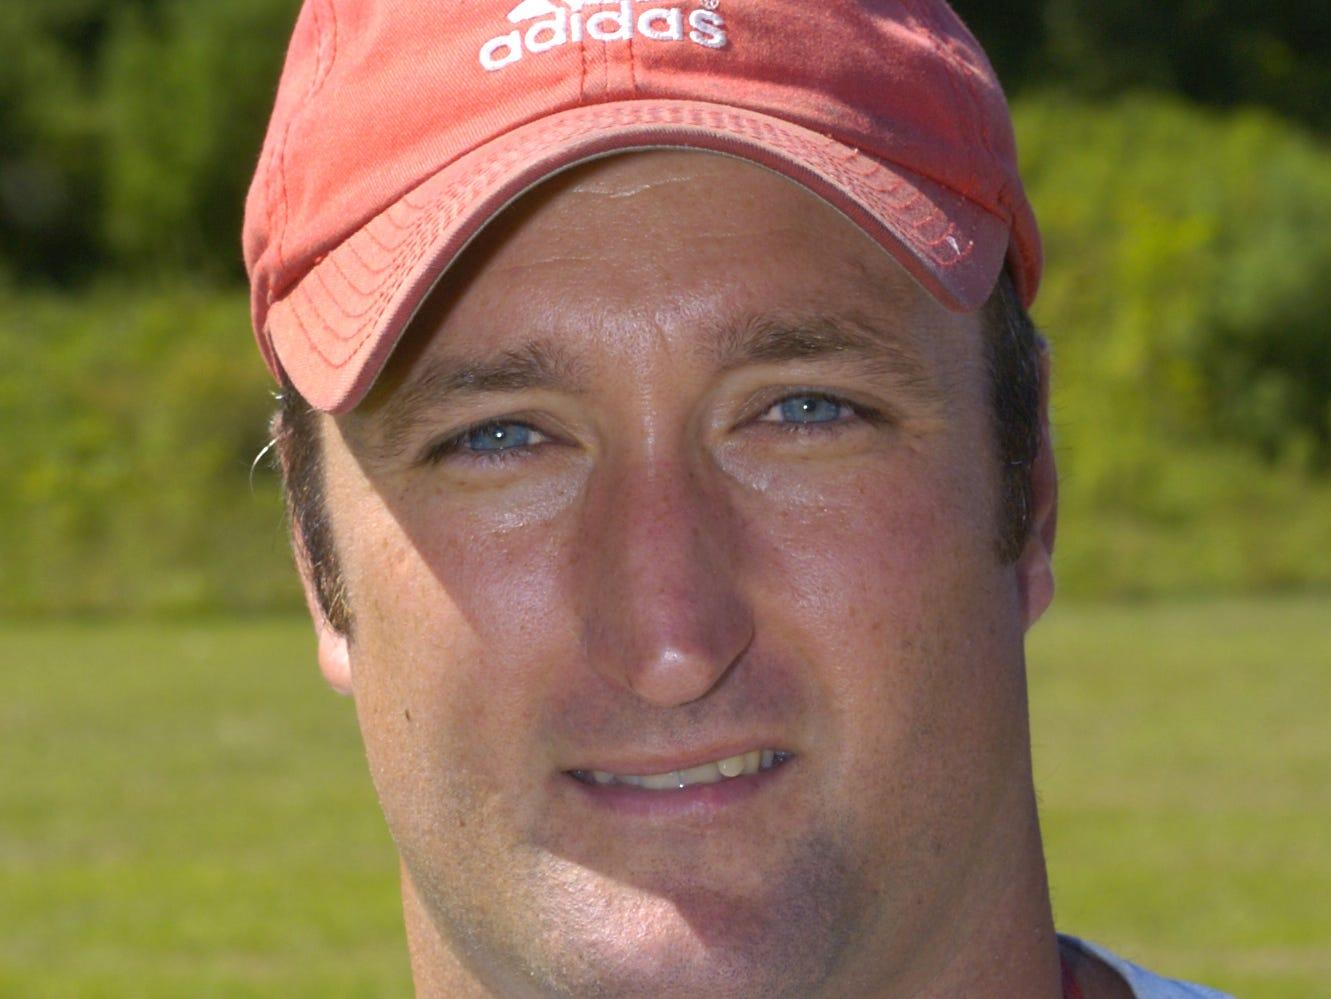 From 2006: Chenango Valley head coach Jay Hope